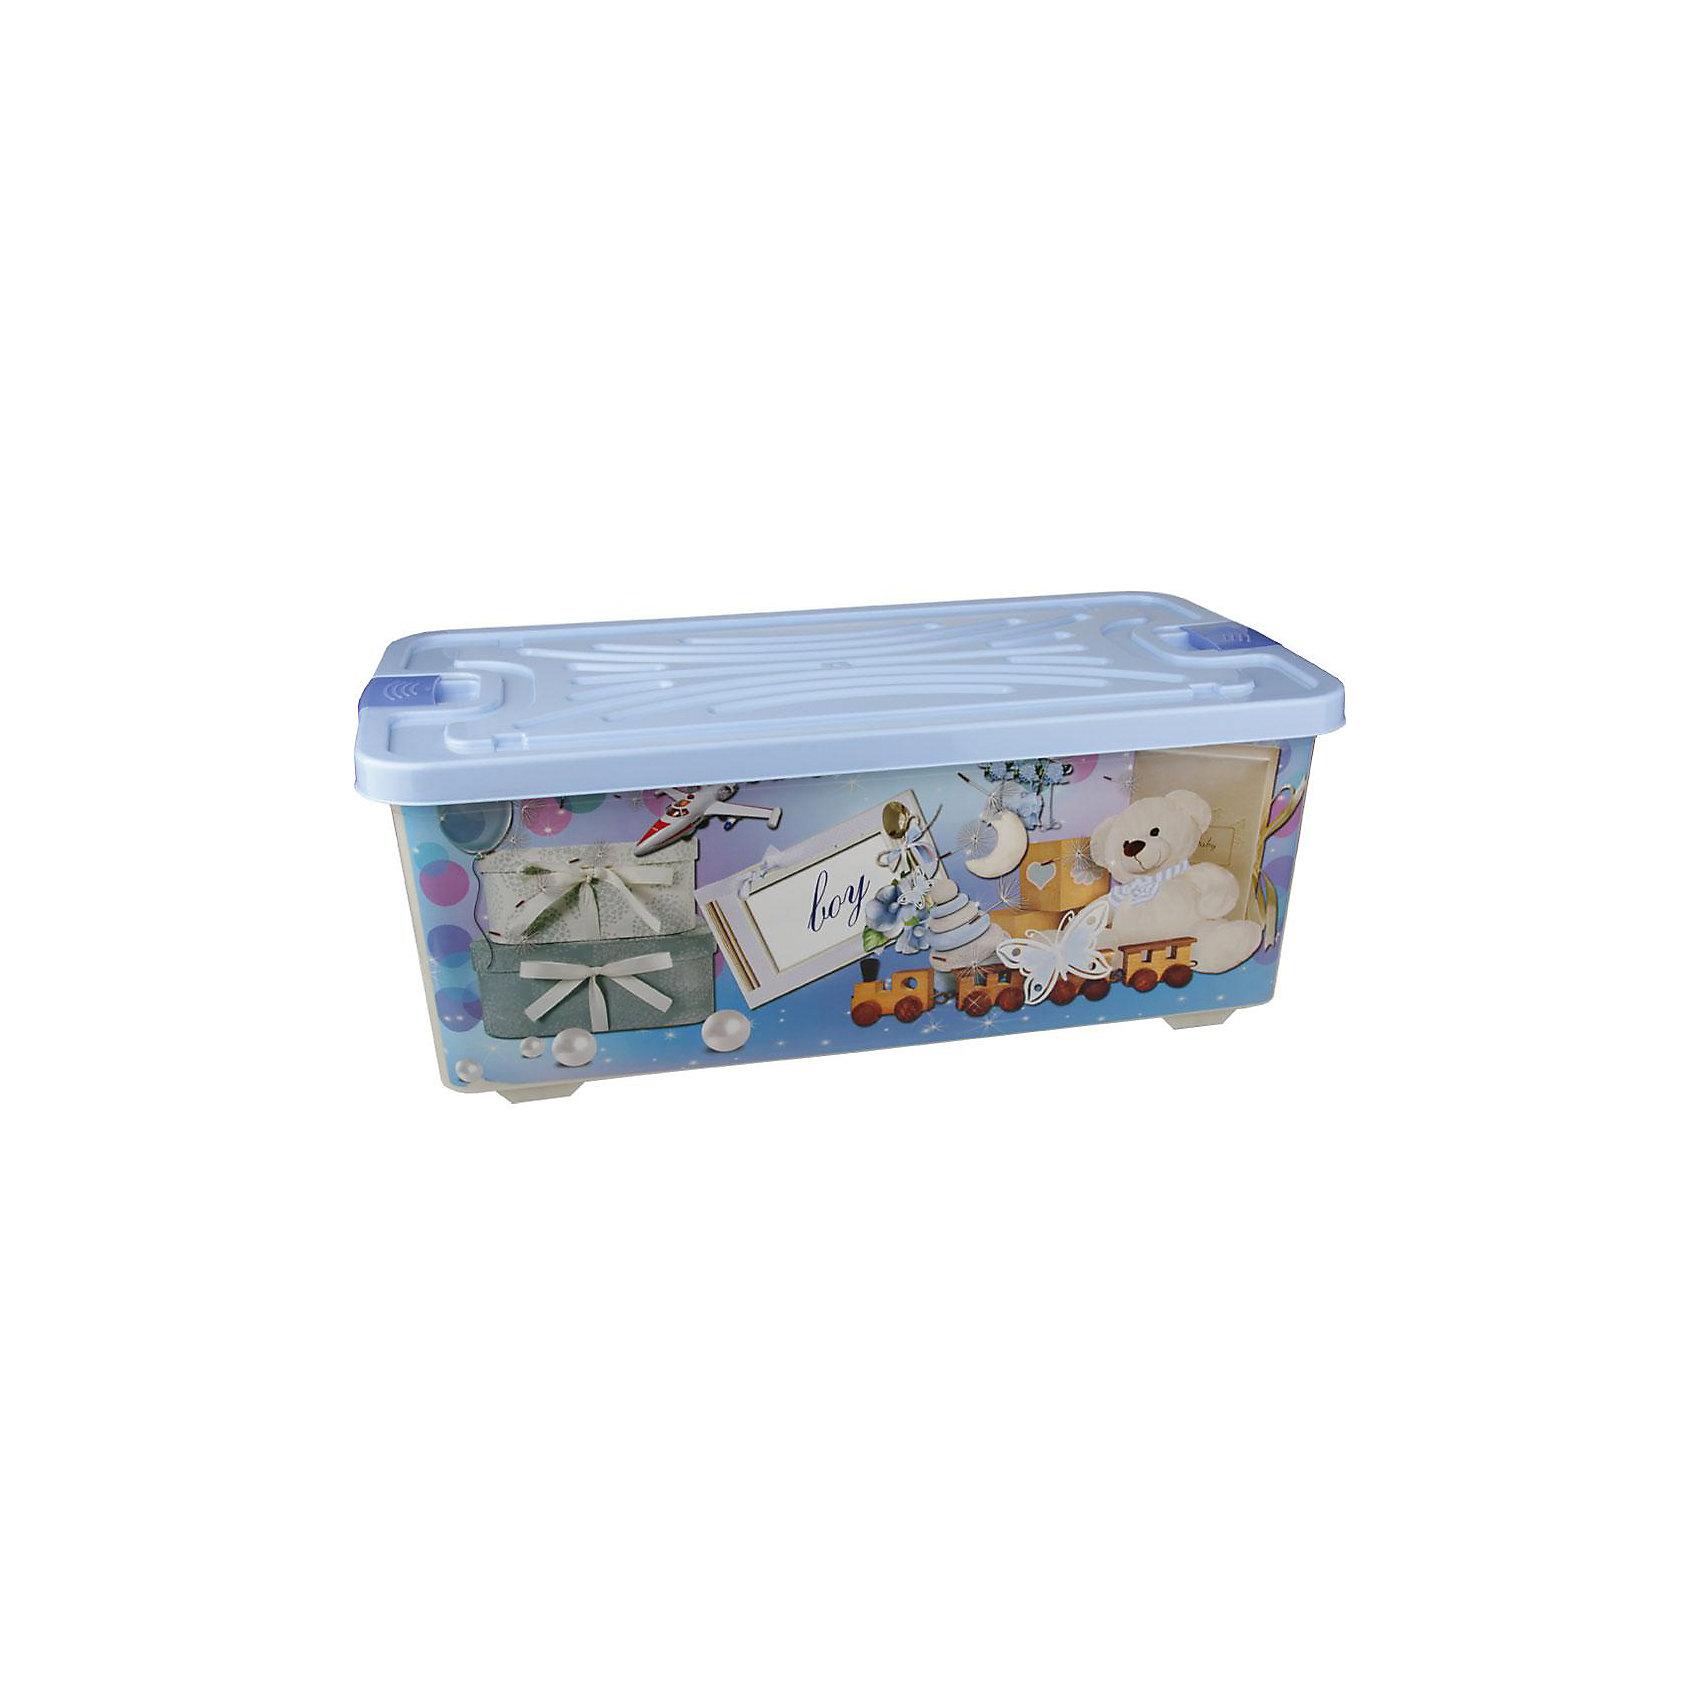 Контейнер для игрушек Boy (прямоугольный) 75л. , AlternativaХарактеристики:<br><br>• Предназначение: для хранения игрушек<br>• Материал: пластик<br>• Цвет: голубой, белый, серый, коричневый<br>• Размер (Д*Ш*В): 78*42,5*30 см<br>• Вместимость (объем): 75 л<br>• Форма: прямоугольныйольный<br>• Наличие крышки с замочком-клипсами<br>• Особенности ухода: разрешается мыть теплой водой<br><br>Контейнер для игрушек Boy (прямоугольный) 75 л., Alternativa изготовлен отечественным производителем ООО ЗПИ Альтернатива, который специализируется на выпуске широкого спектра изделий из пластика. <br>Контейнер выполнен из экологически безопасного пластика, устойчивого к механическим повреждениям, корпус оформлен рисунком детской тематики в голубых тонах, в комплекте имеется крышка голубого цвета. Изделие позволит обеспечить не только порядок в комнате ребенка, но и станет ярким предметом интерьера. Контейнер для игрушек Boy (прямоугольный) 75л., Alternativa вместительный, но при этом обладает легким весом.<br><br>Контейнер для игрушек Boy (прямоугольный) 75л., Alternativa можно купить в нашем интернет-магазине.<br><br>Ширина мм: 770<br>Глубина мм: 415<br>Высота мм: 290<br>Вес г: 2518<br>Возраст от месяцев: 6<br>Возраст до месяцев: 84<br>Пол: Унисекс<br>Возраст: Детский<br>SKU: 5096583